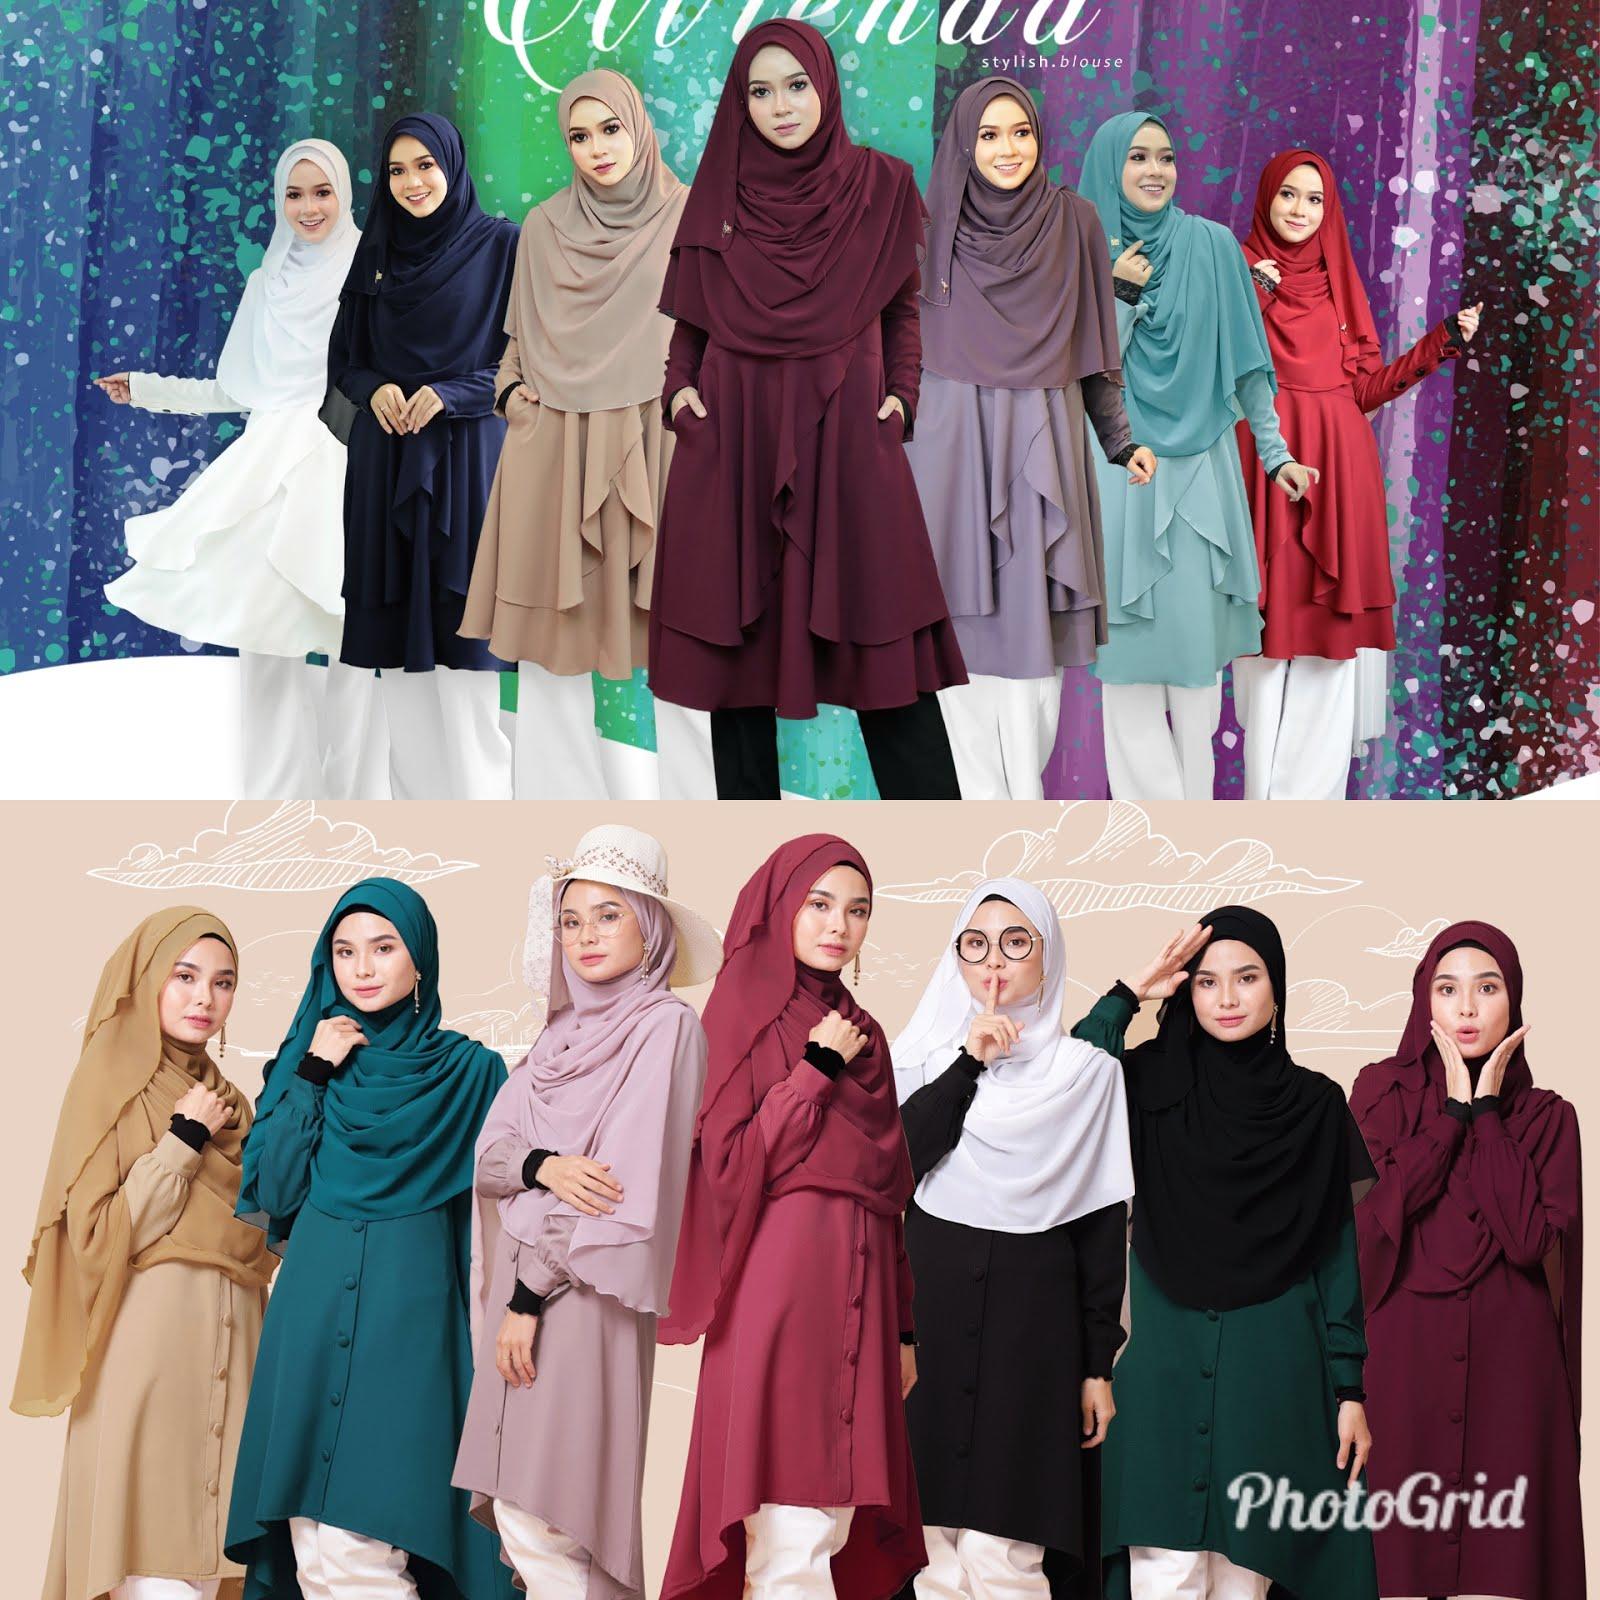 Cantik sangat pelbagai koleksi blouse muslimah semuanya trendy